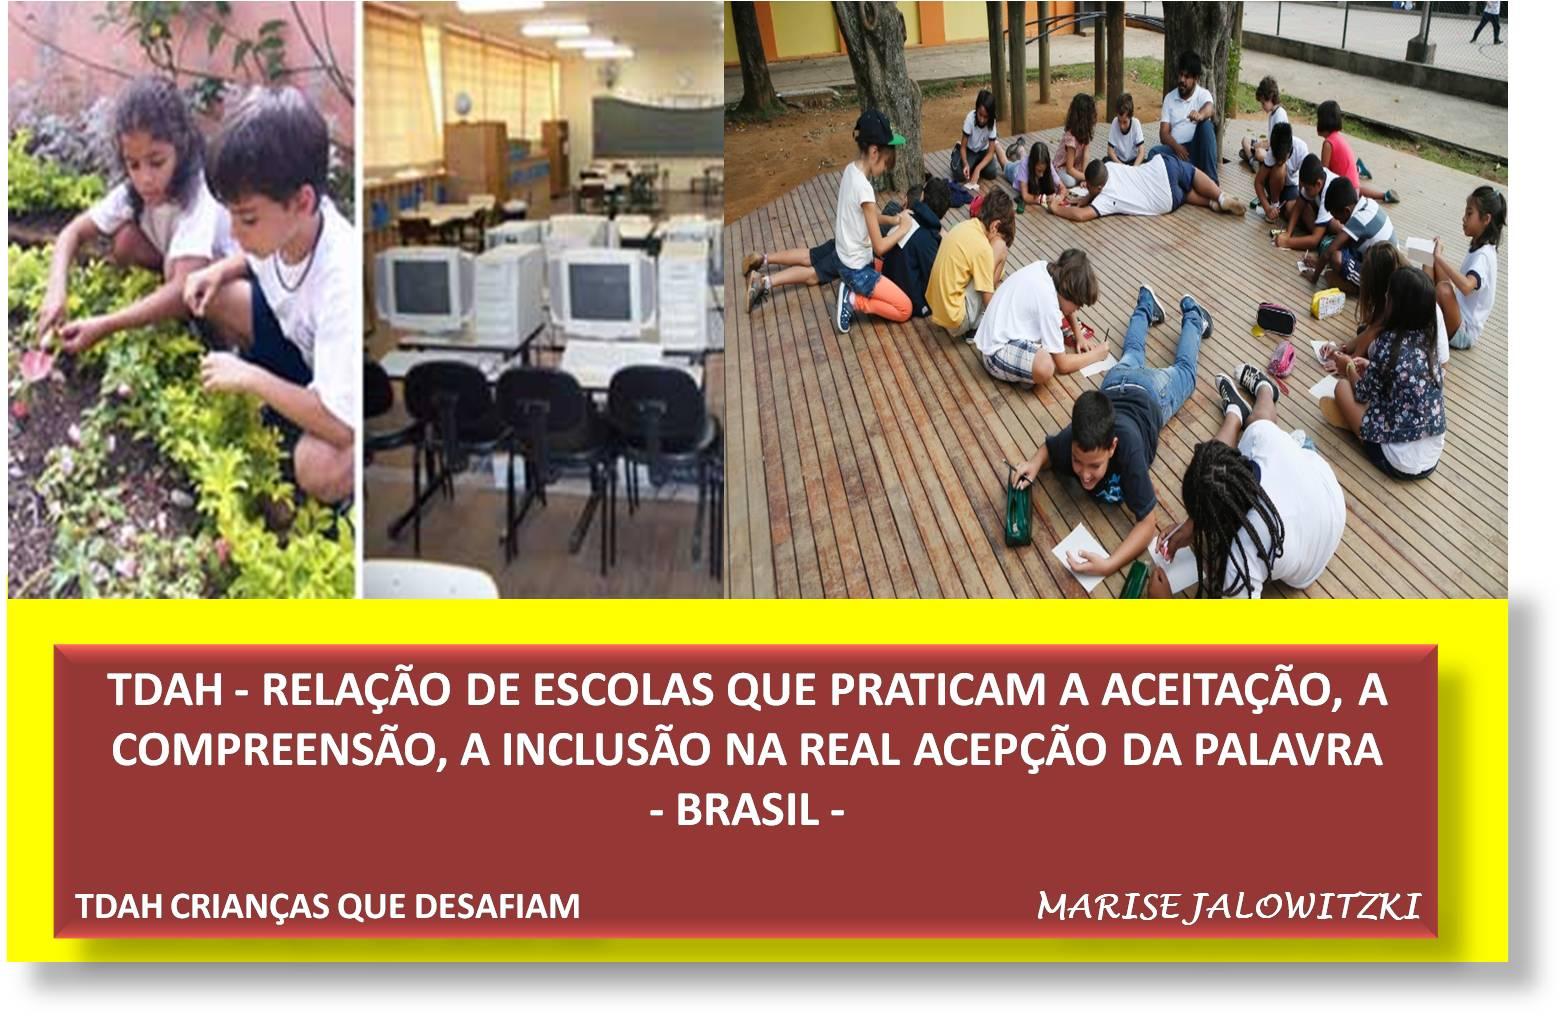 TDAH - RELAÇÃO DE ESCOLAS ACOLHEDORAS - BRASIL